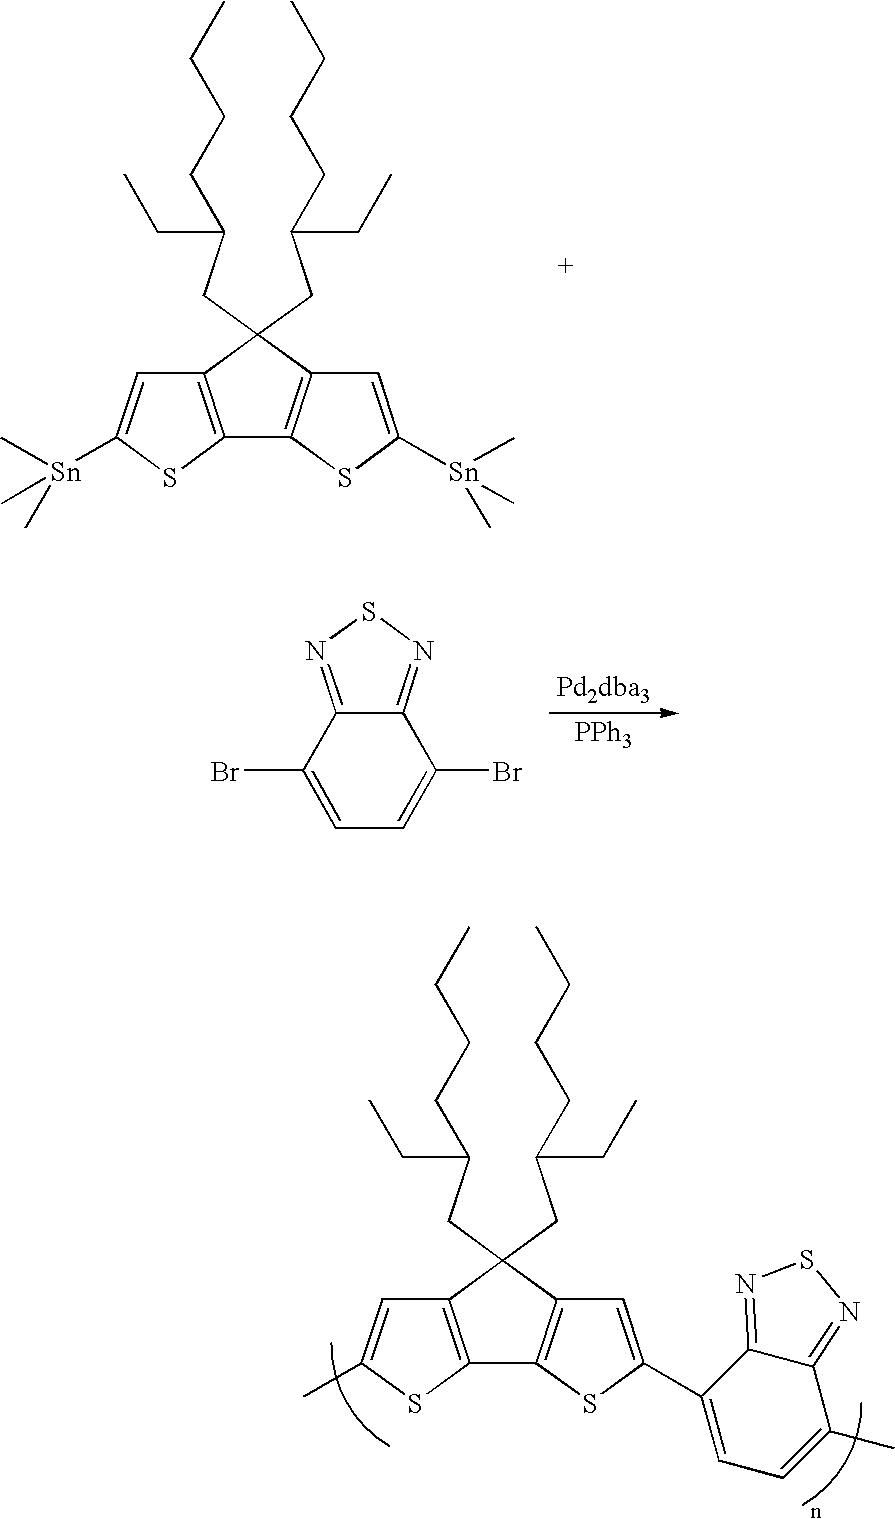 Figure US20080006324A1-20080110-C00015